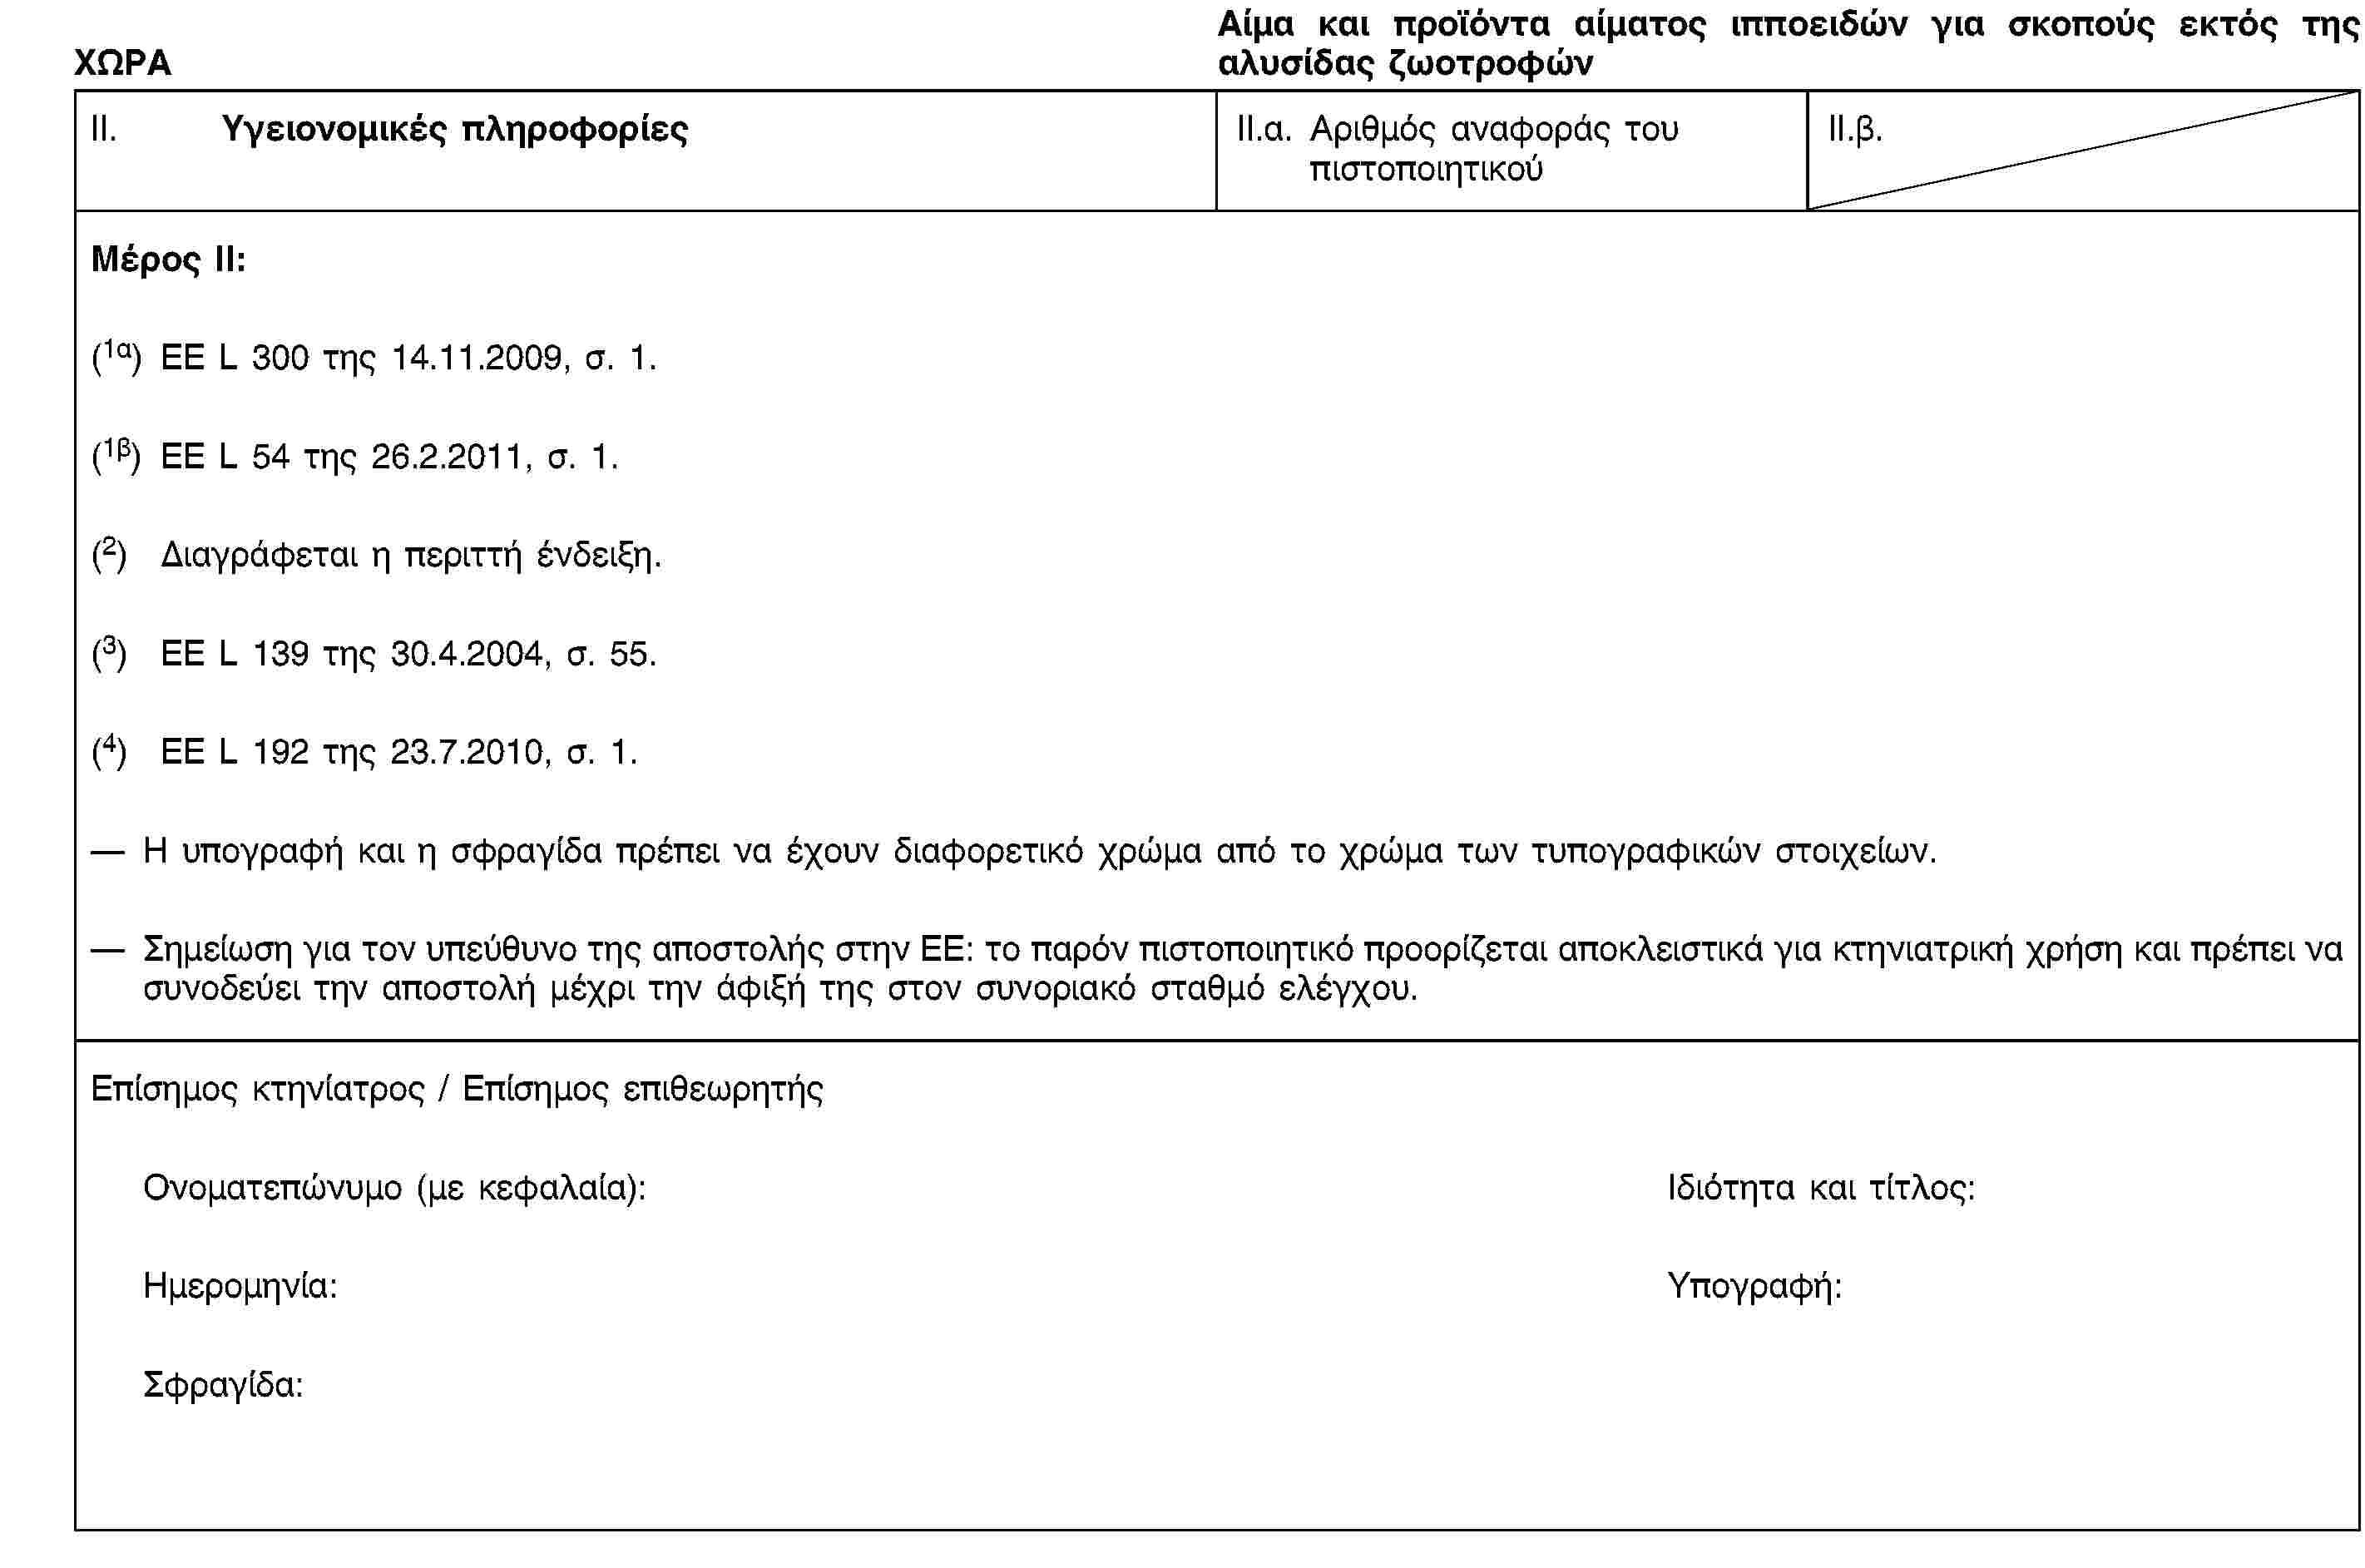 EUR-Lex - 02011R0142-20130701 - EL - EUR-Lex 3d072d5d2af